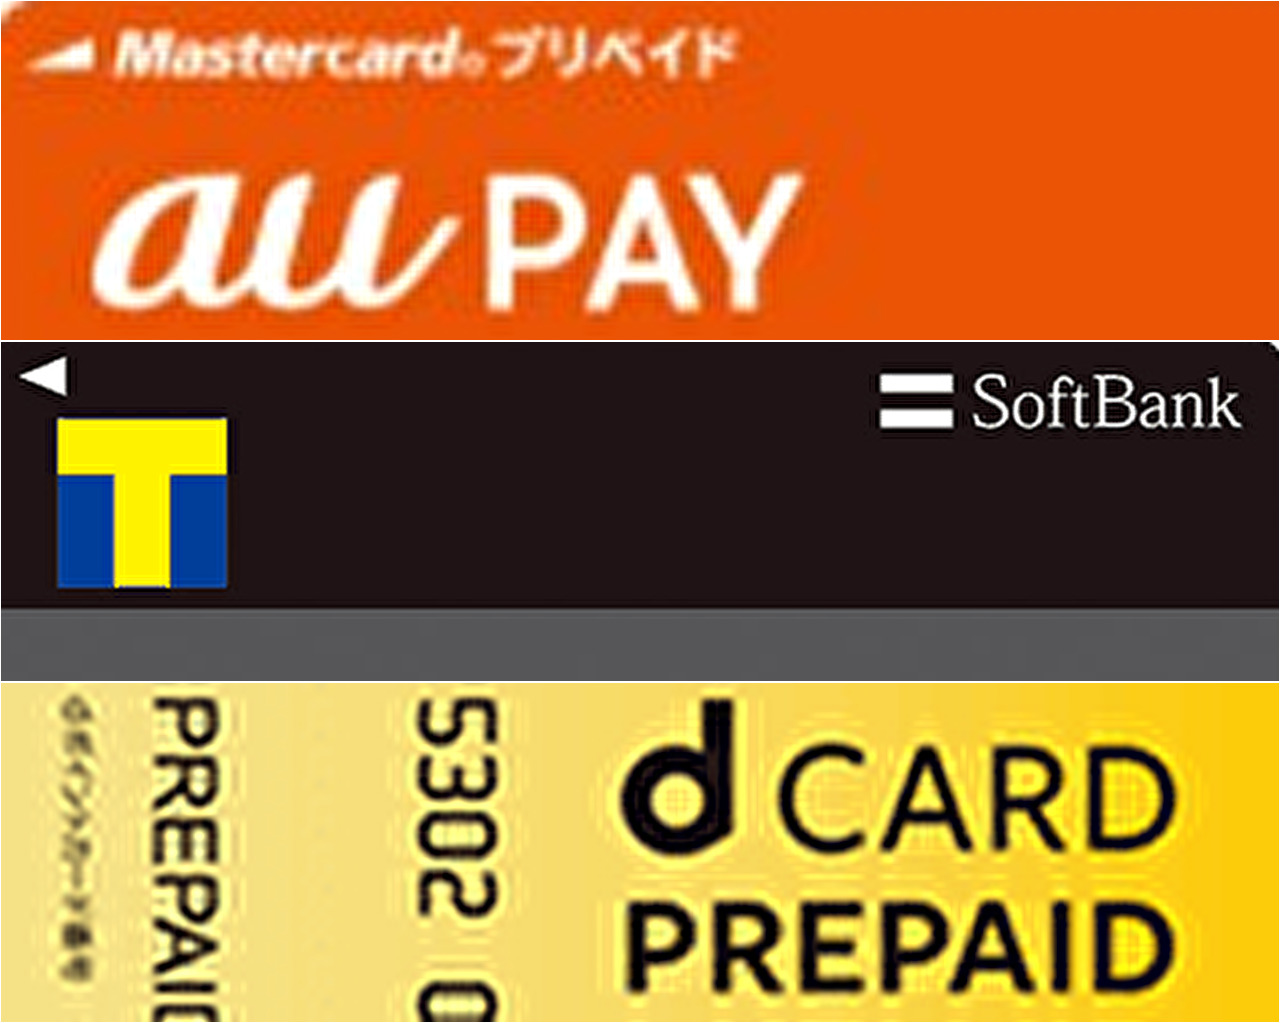 携帯料金払いで今すぐに現金を作る方法!!3大キャリアを徹底解説